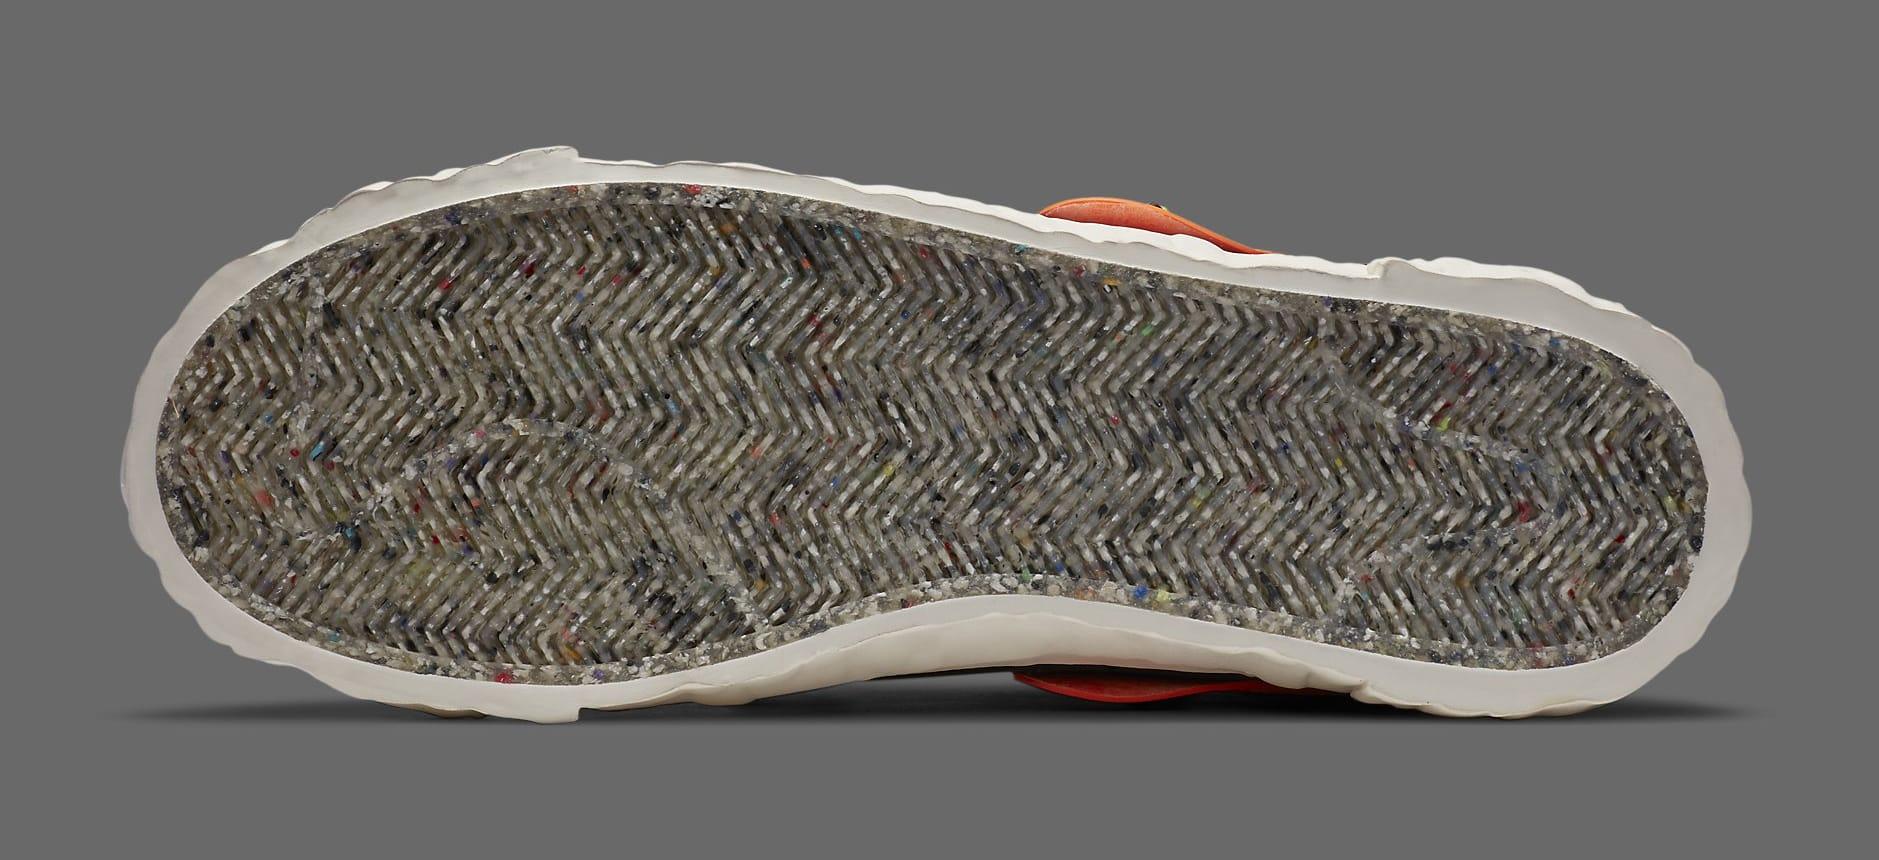 Readymade x Nike Blazer Mid CZ3589-001 Outsole